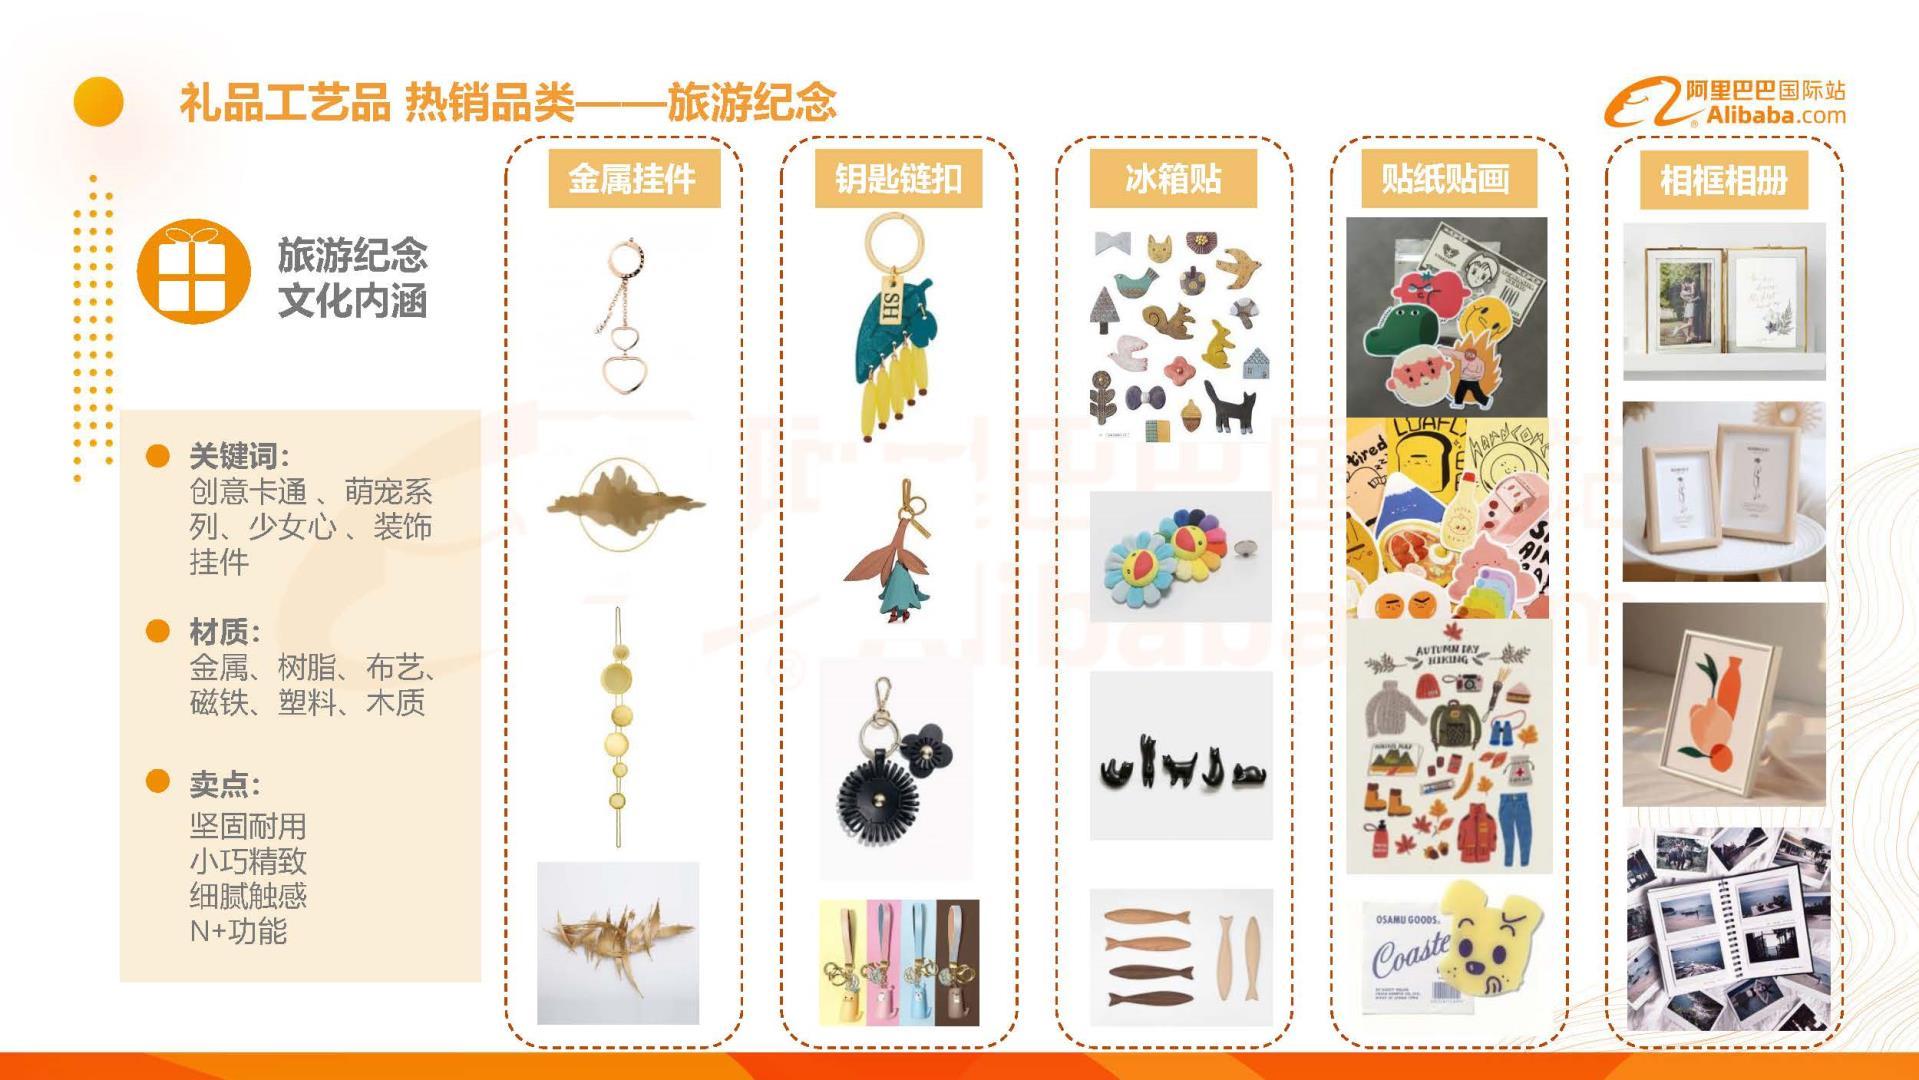 禮研報_頁面_17.jpg